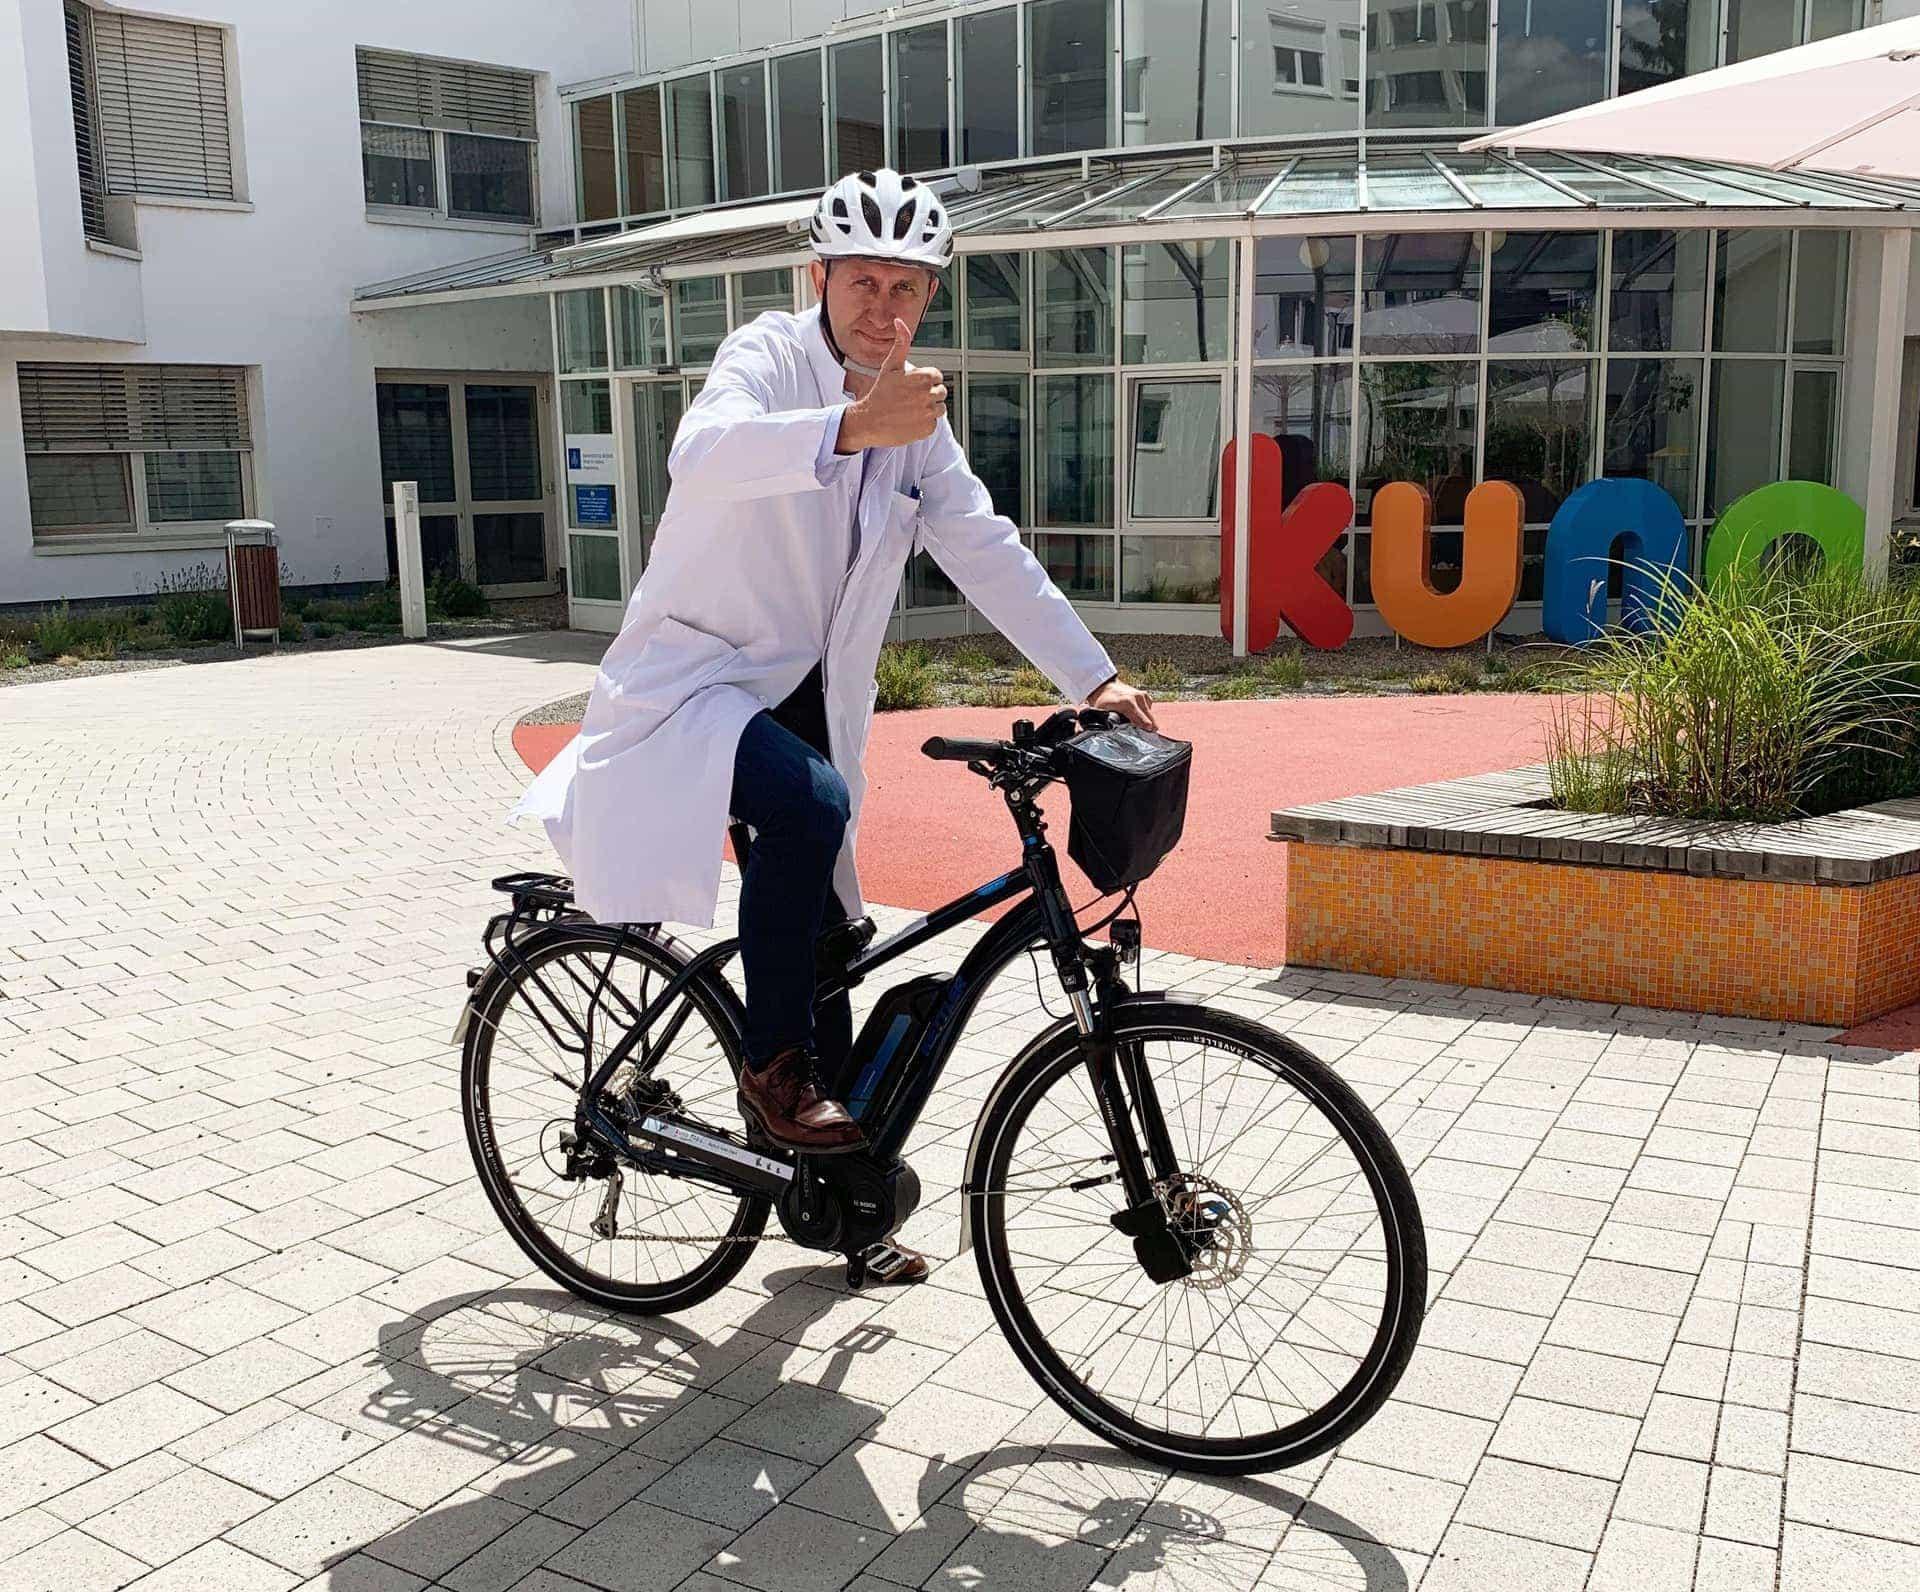 KUNO Ärzte radeln mit Elektroantrieb Ärzte steigen aufs Fahrrad um